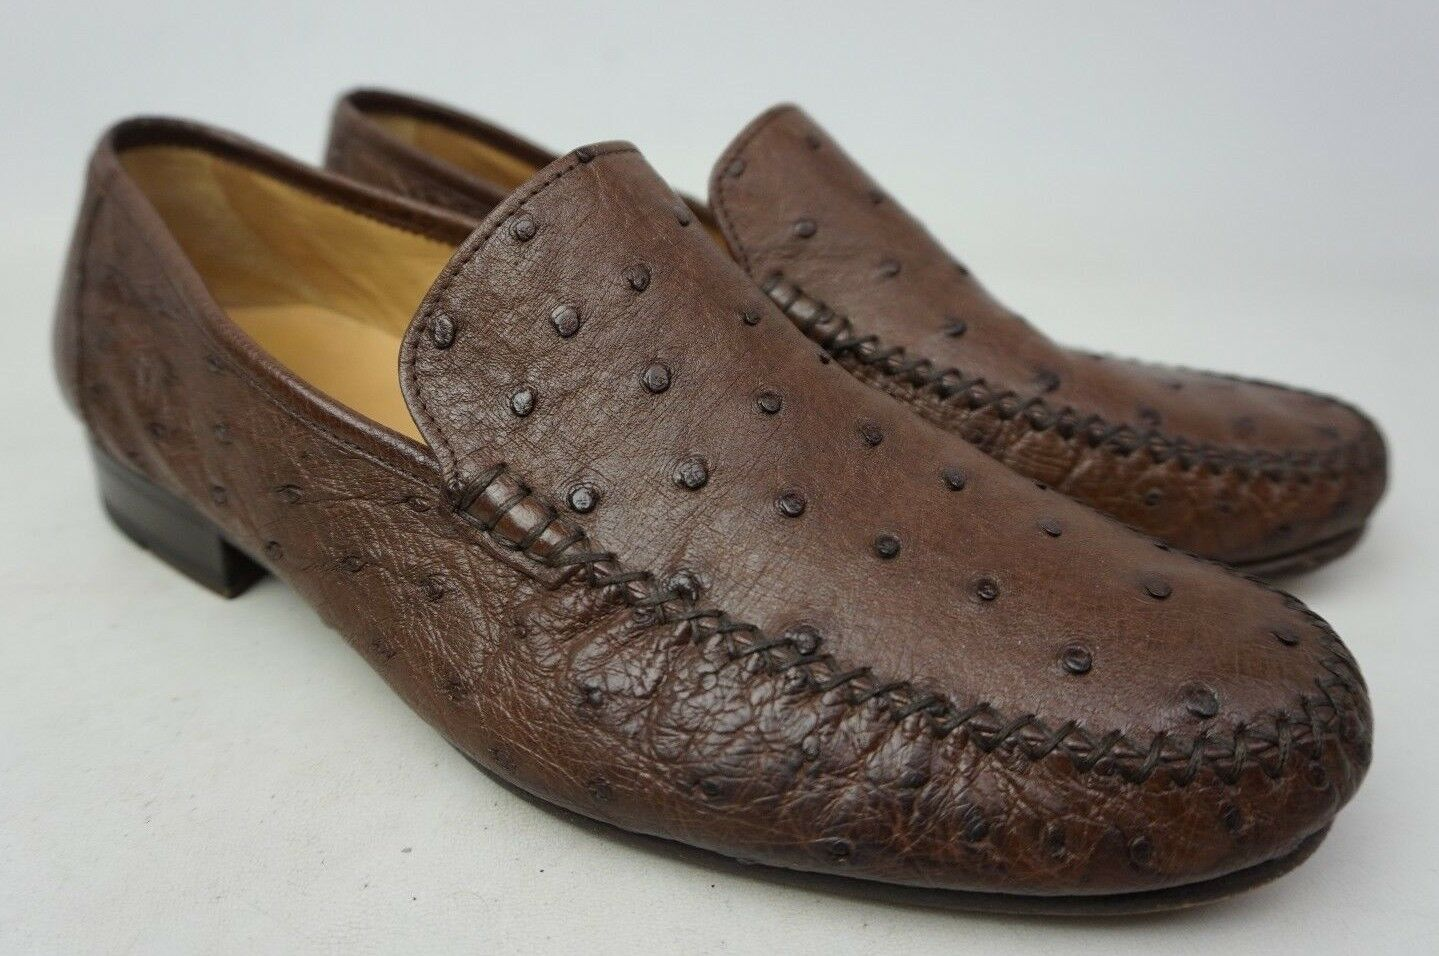 Magnanni Solea Marrone Struzzo Mocassini in pelle da Uomo classiche Scarpe Misura 9 M Scarpe classiche Uomo da uomo 170e55